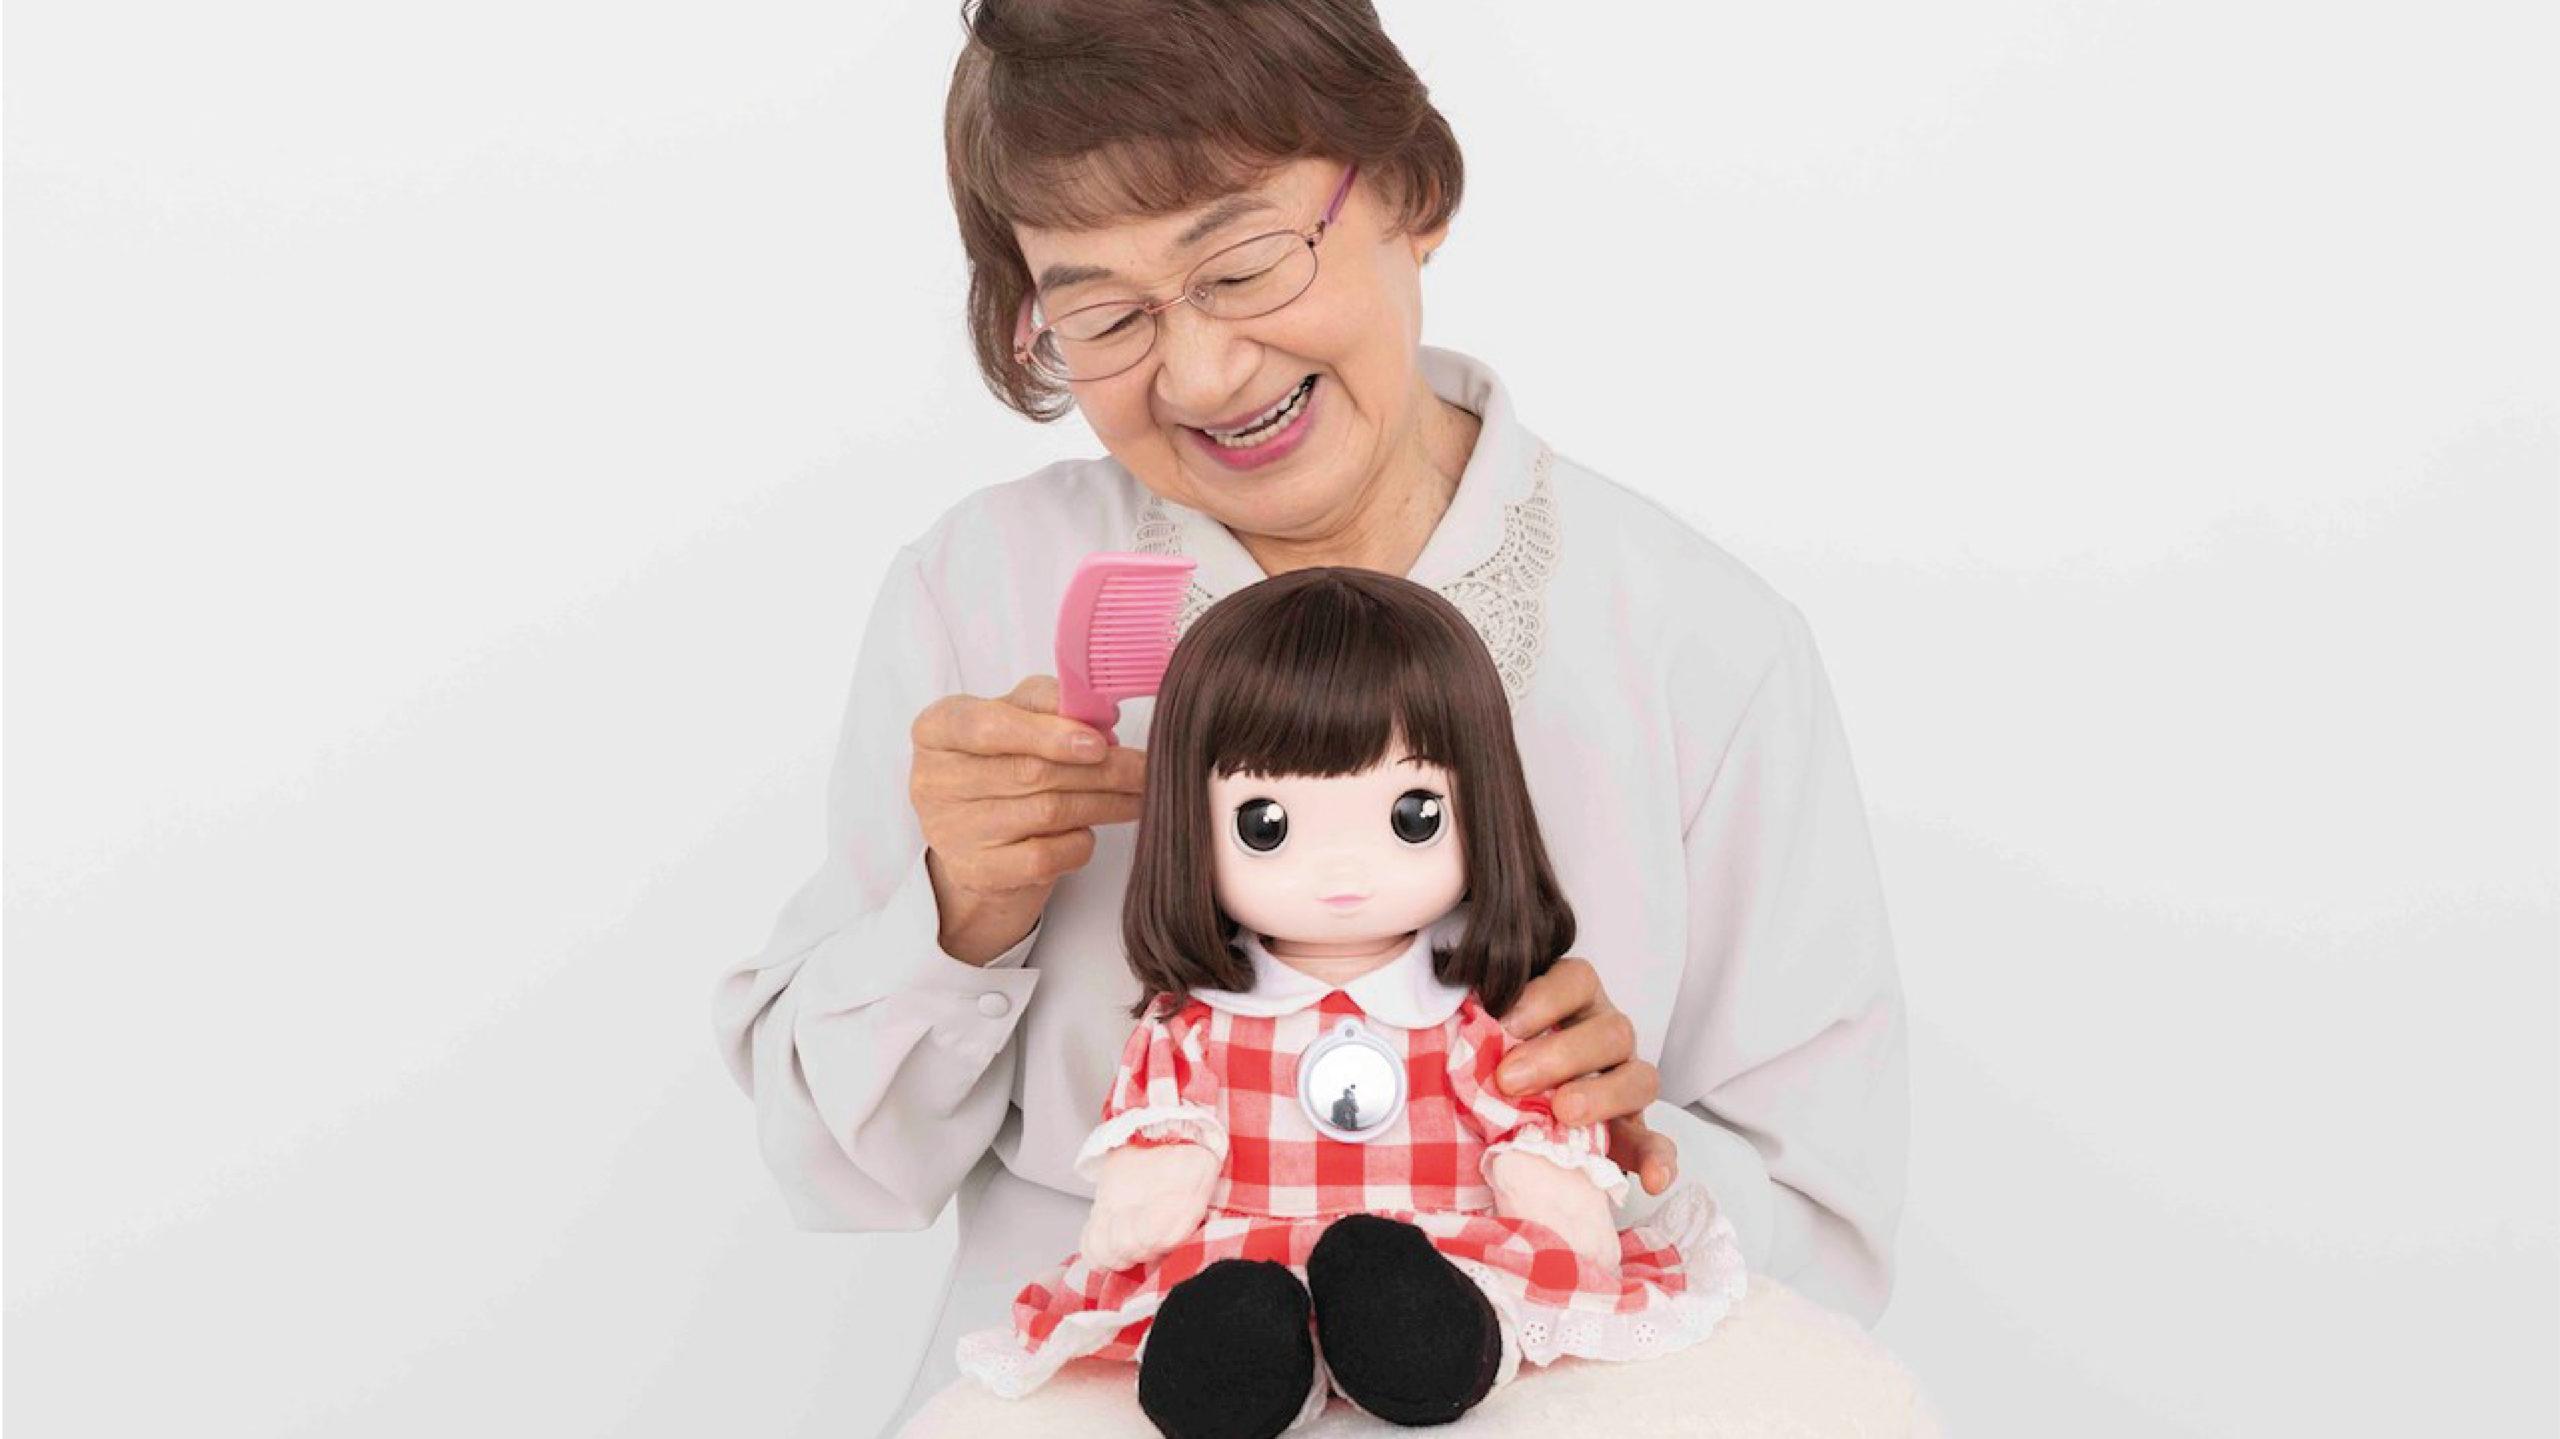 Desarrollan muñeca con IA que promete aliviar efectos del aislamiento social